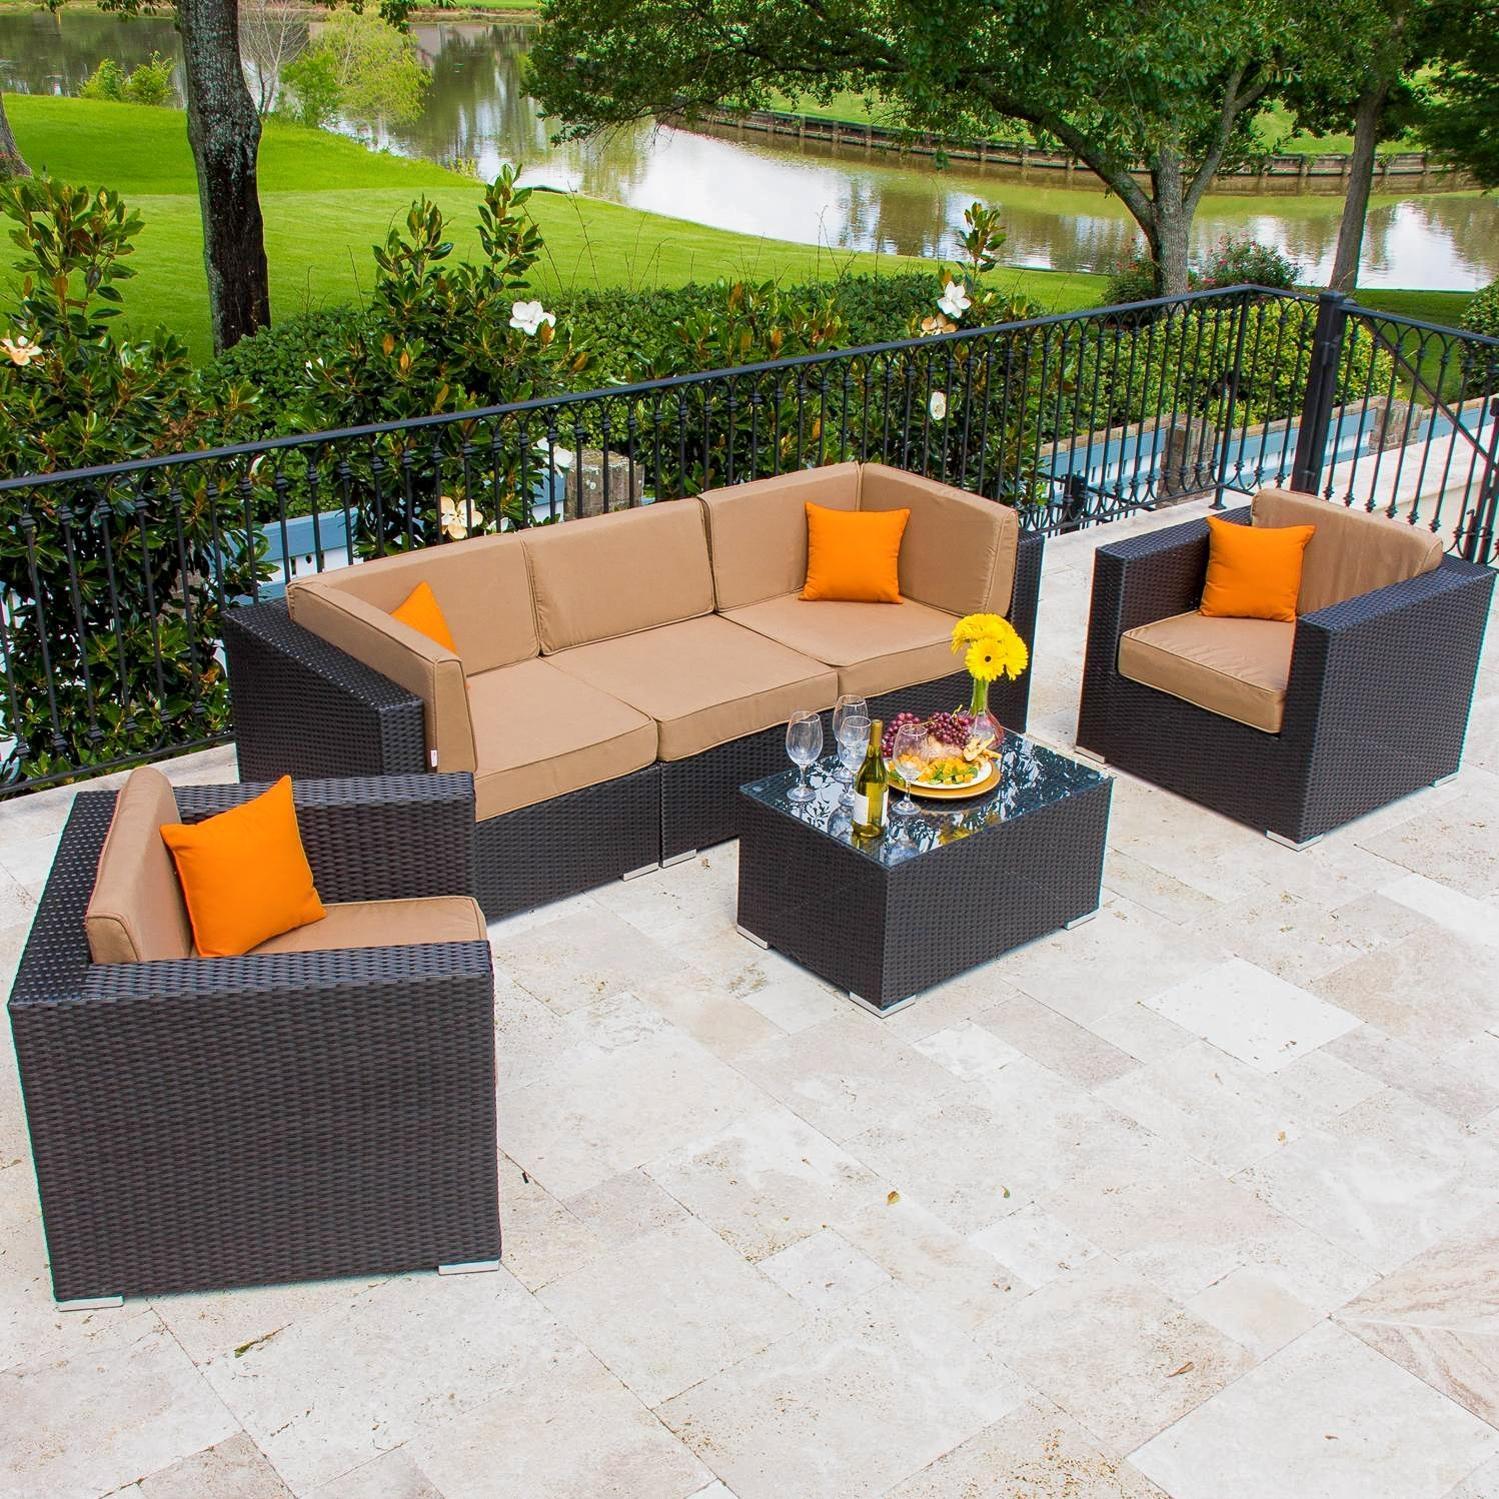 Bon Harrows Outdoor Furniture Home Ideas Nocomodetodo Harrows Outdoor With  Dimensions 1499 X 1499